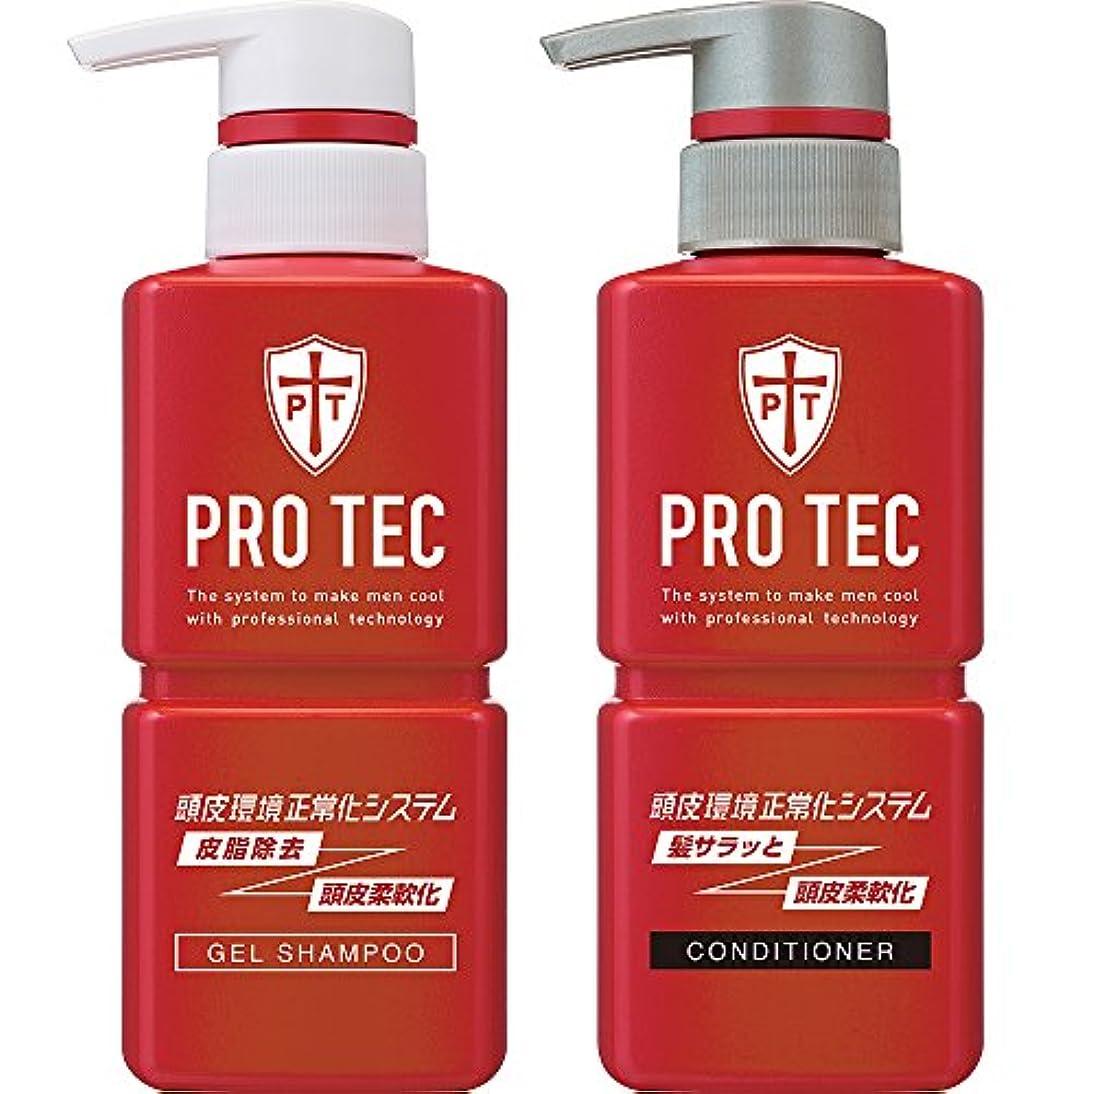 謙虚助手疑わしいPRO TEC(プロテク) 頭皮ストレッチ シャンプー ポンプ 300g(医薬部外品)+ コンディショナー ポンプ 300g